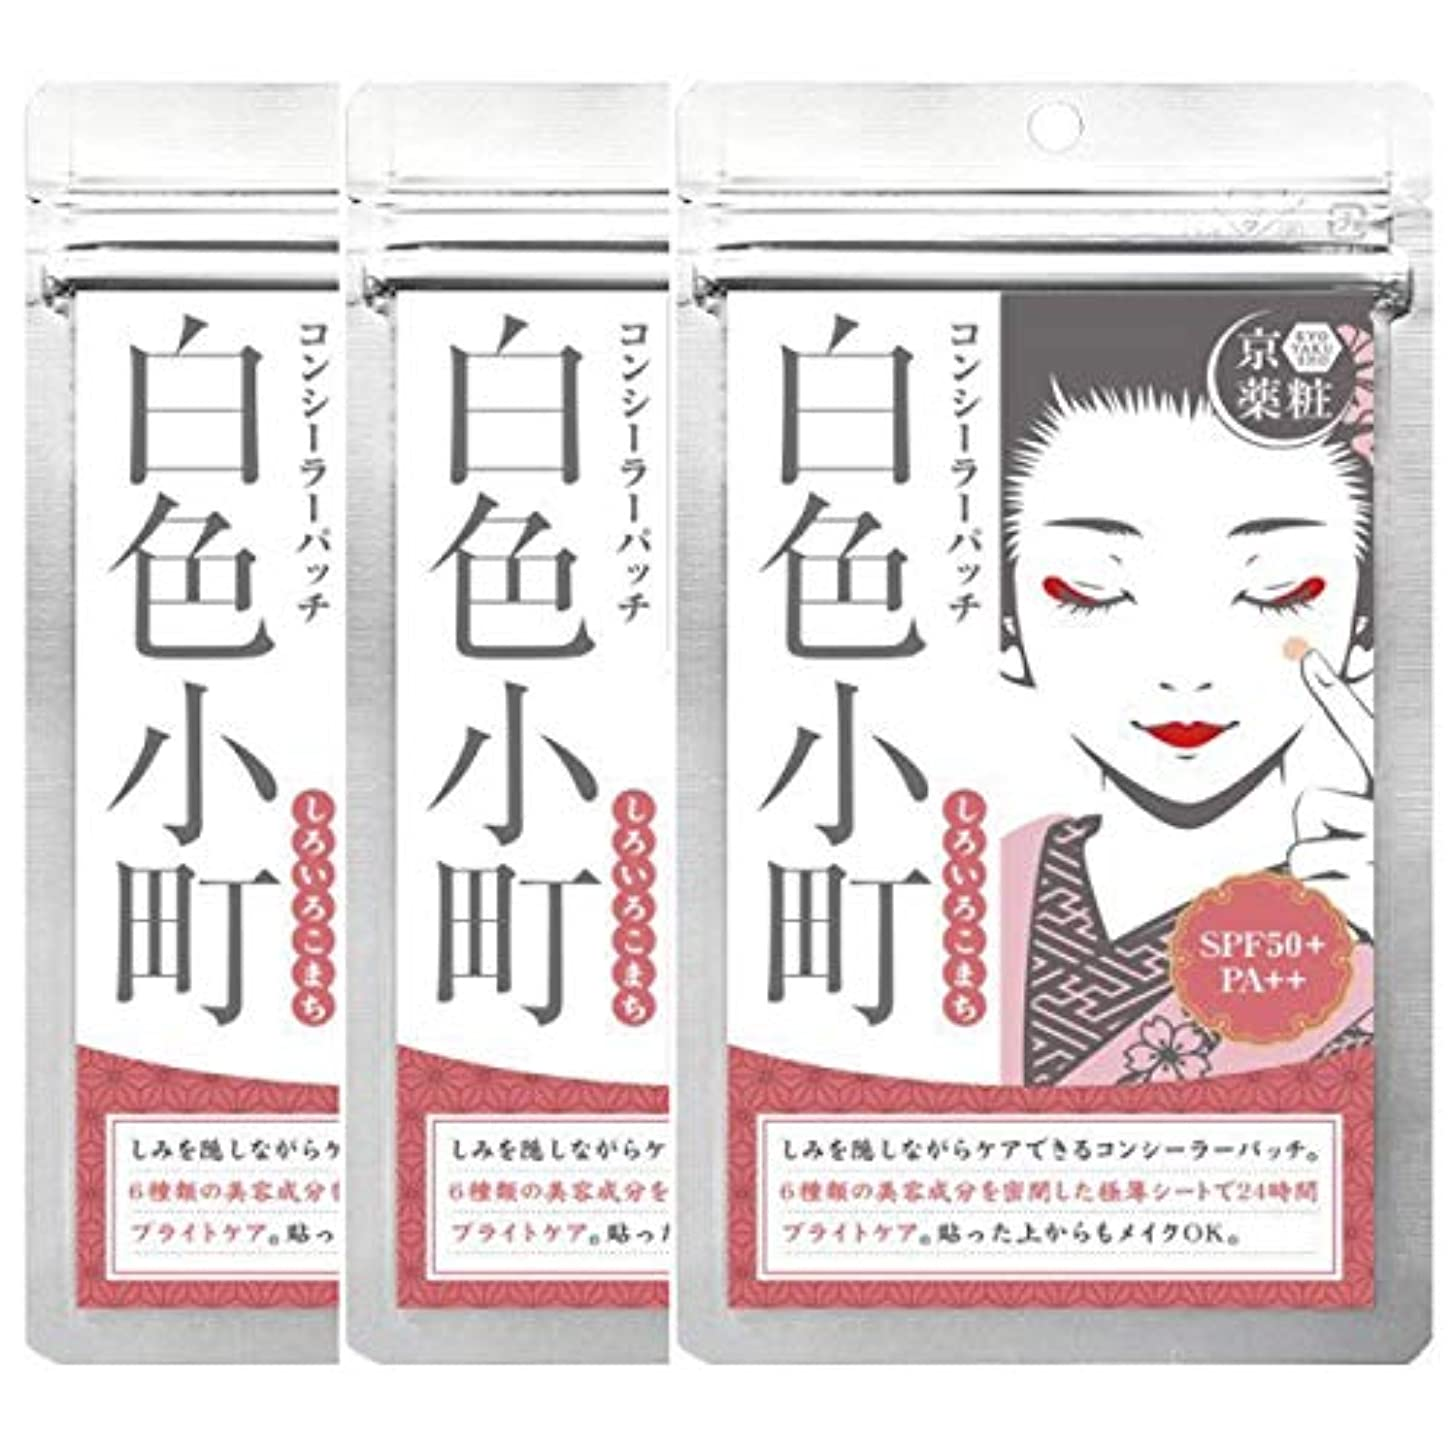 下品の量推定京薬粧 白色小町 コンシーラーパッチ ×3セット